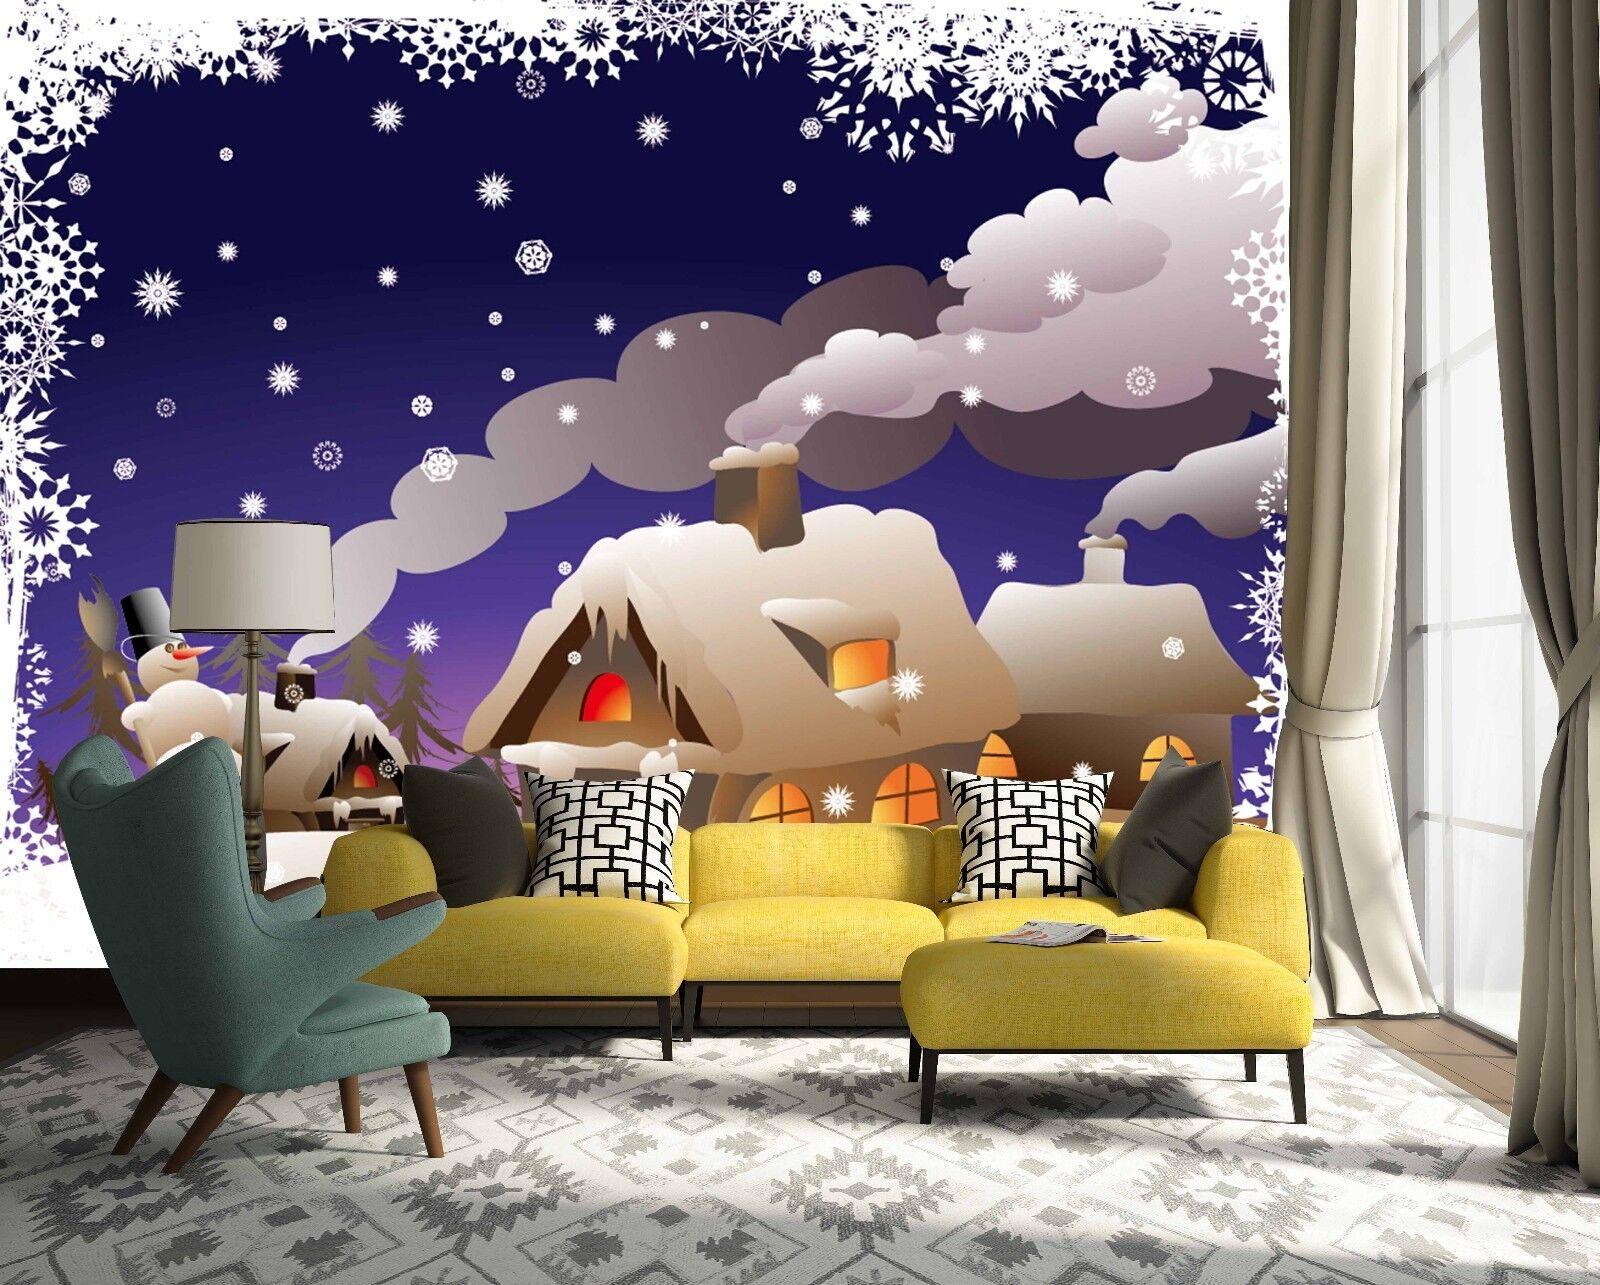 3D Schnee Haus Schornstein 88 Tapete Wandgemälde Wandgemälde Wandgemälde Tapete Tapeten Bild Familie DE | Ab dem neuesten Modell  |  4f1a5a